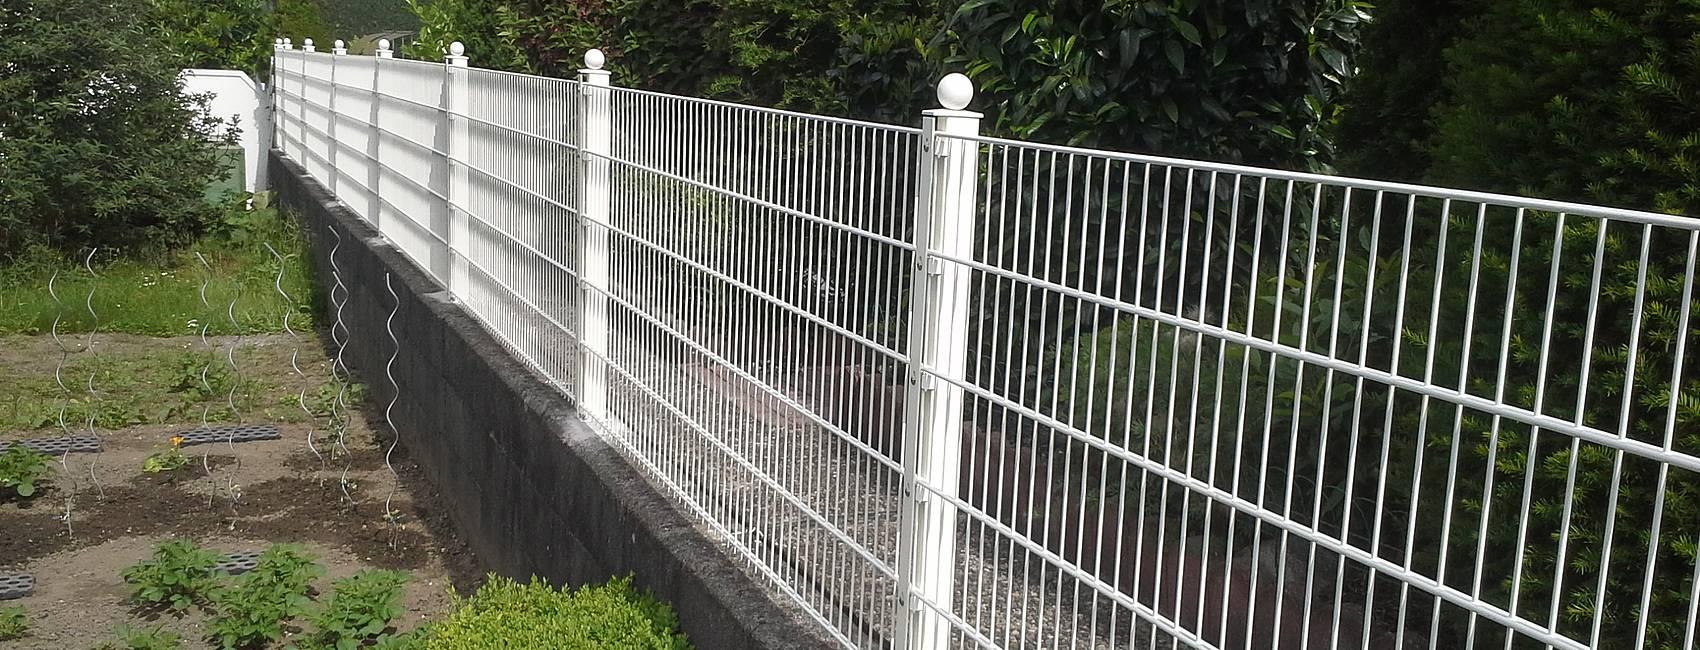 Zaun Belles Zaunbau Zaunmontage und Reperatur Startseite